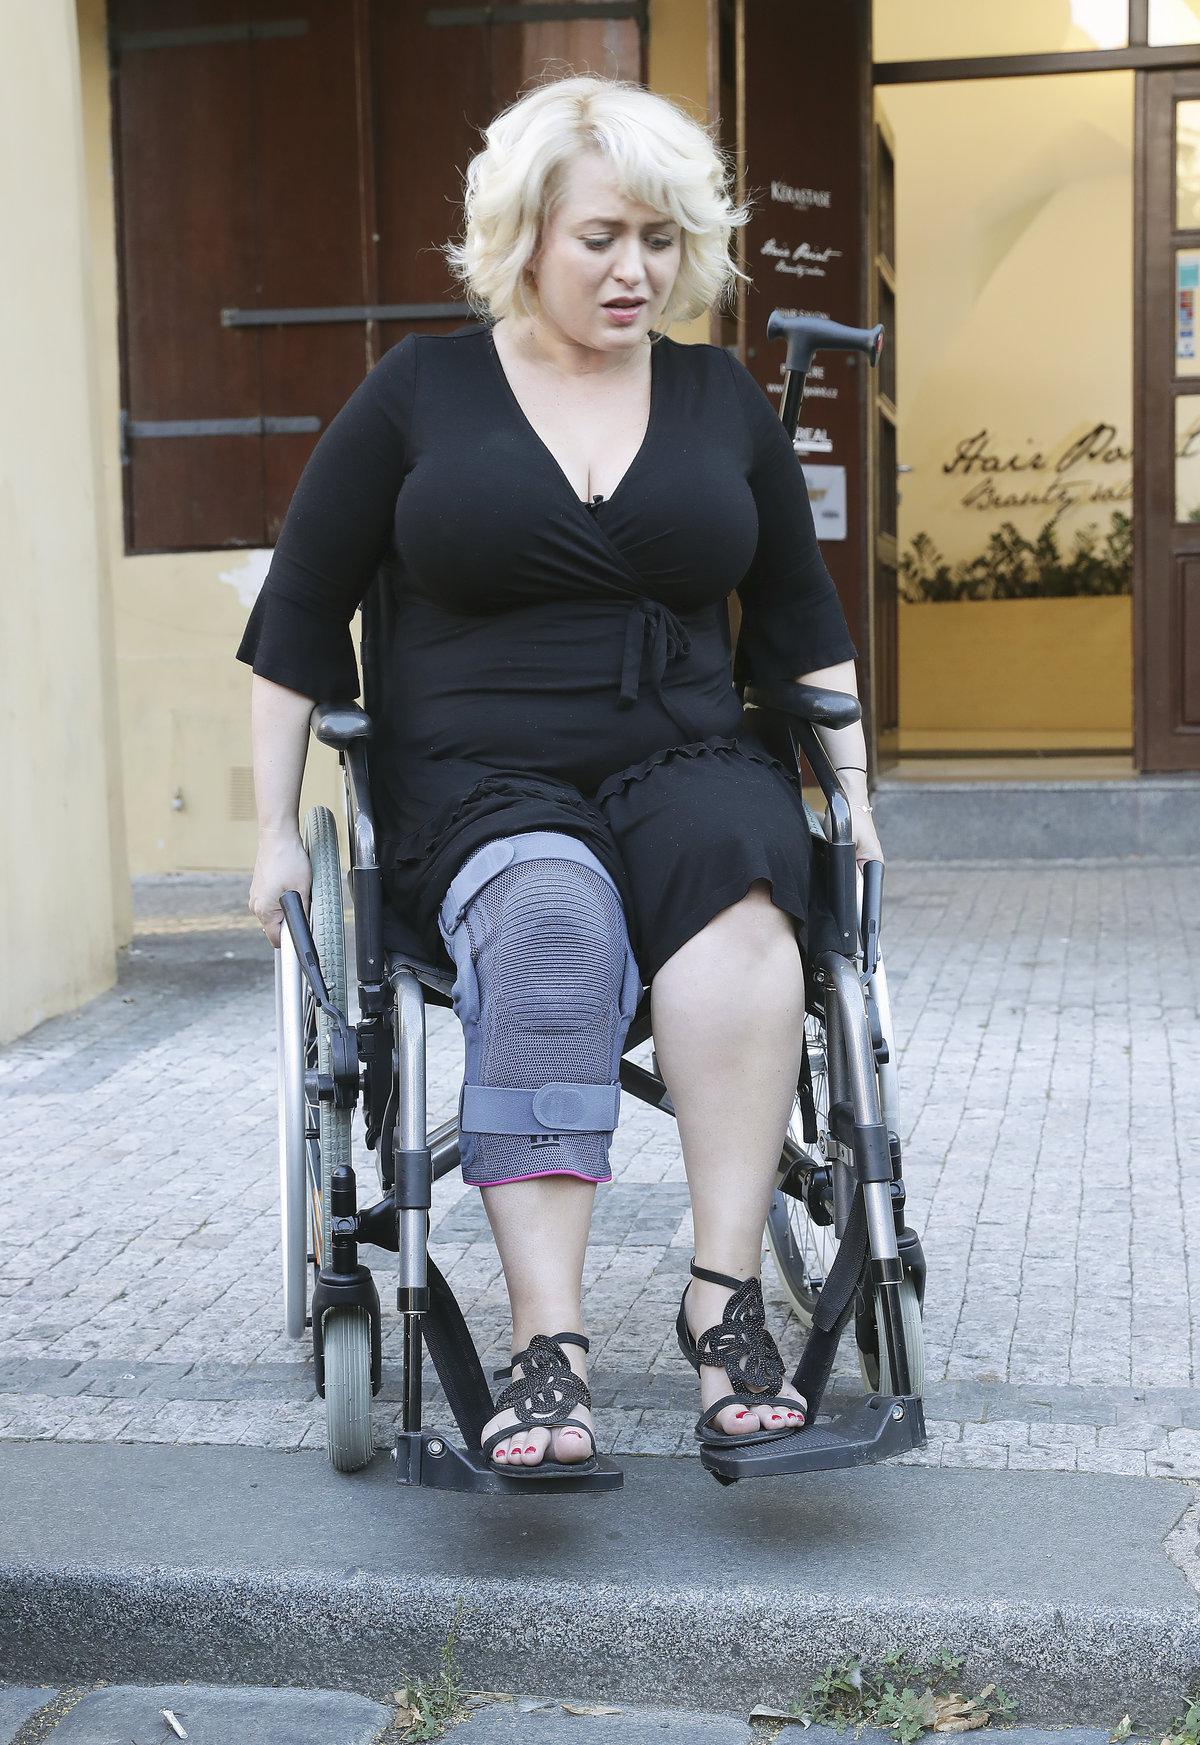 Největším problémem jsou pro Bittnerovou špatně sjízdné chodníky pro vozíčkáře.